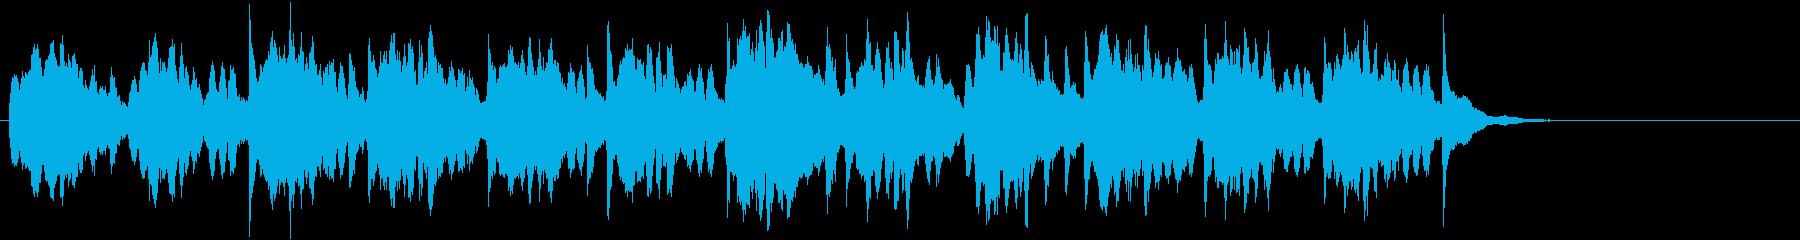 幻想的な音色のインスト曲の再生済みの波形